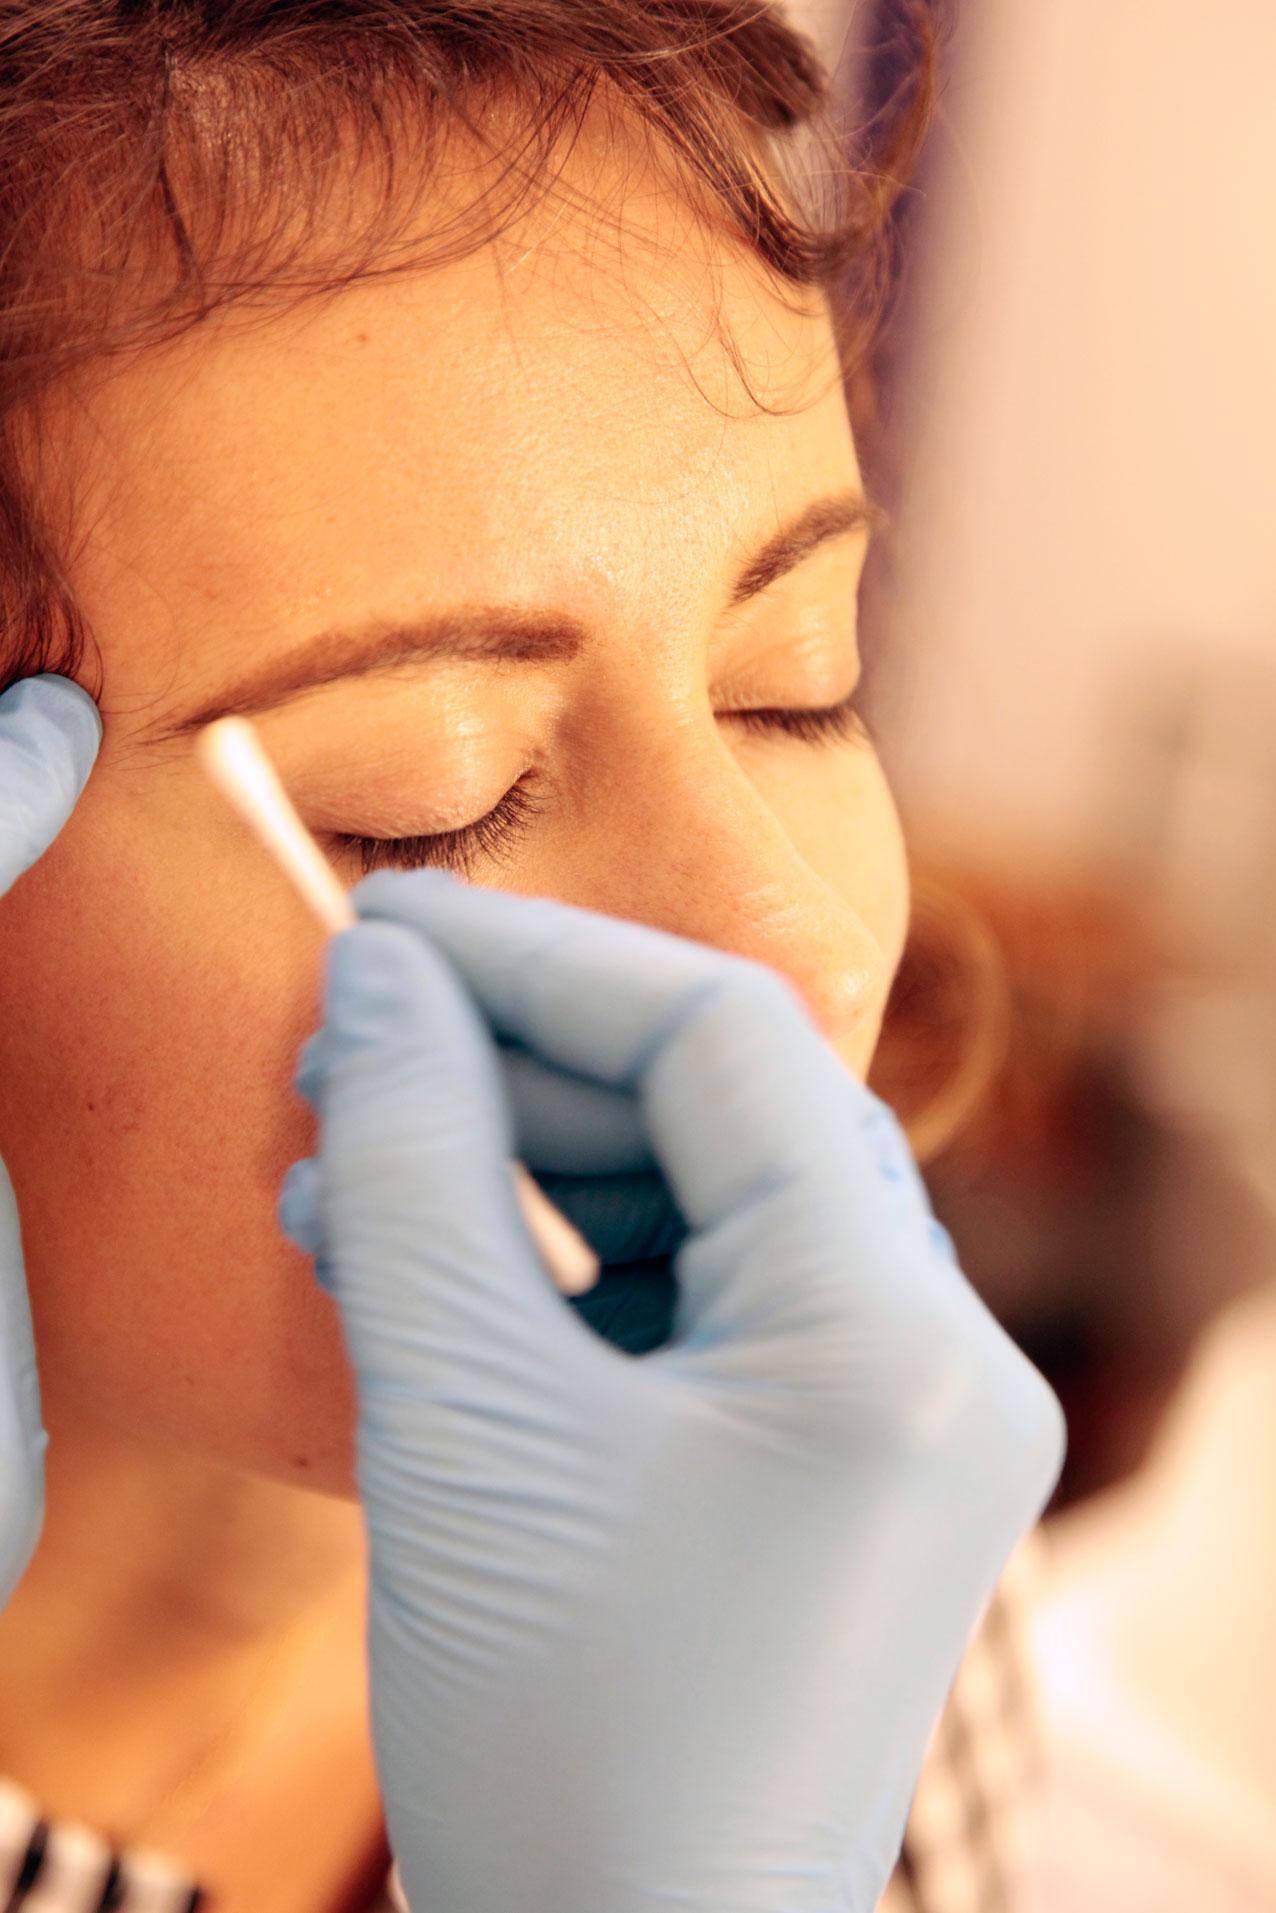 tratamiento-micropigmentacion_cejas-angela_navarro-belleza11